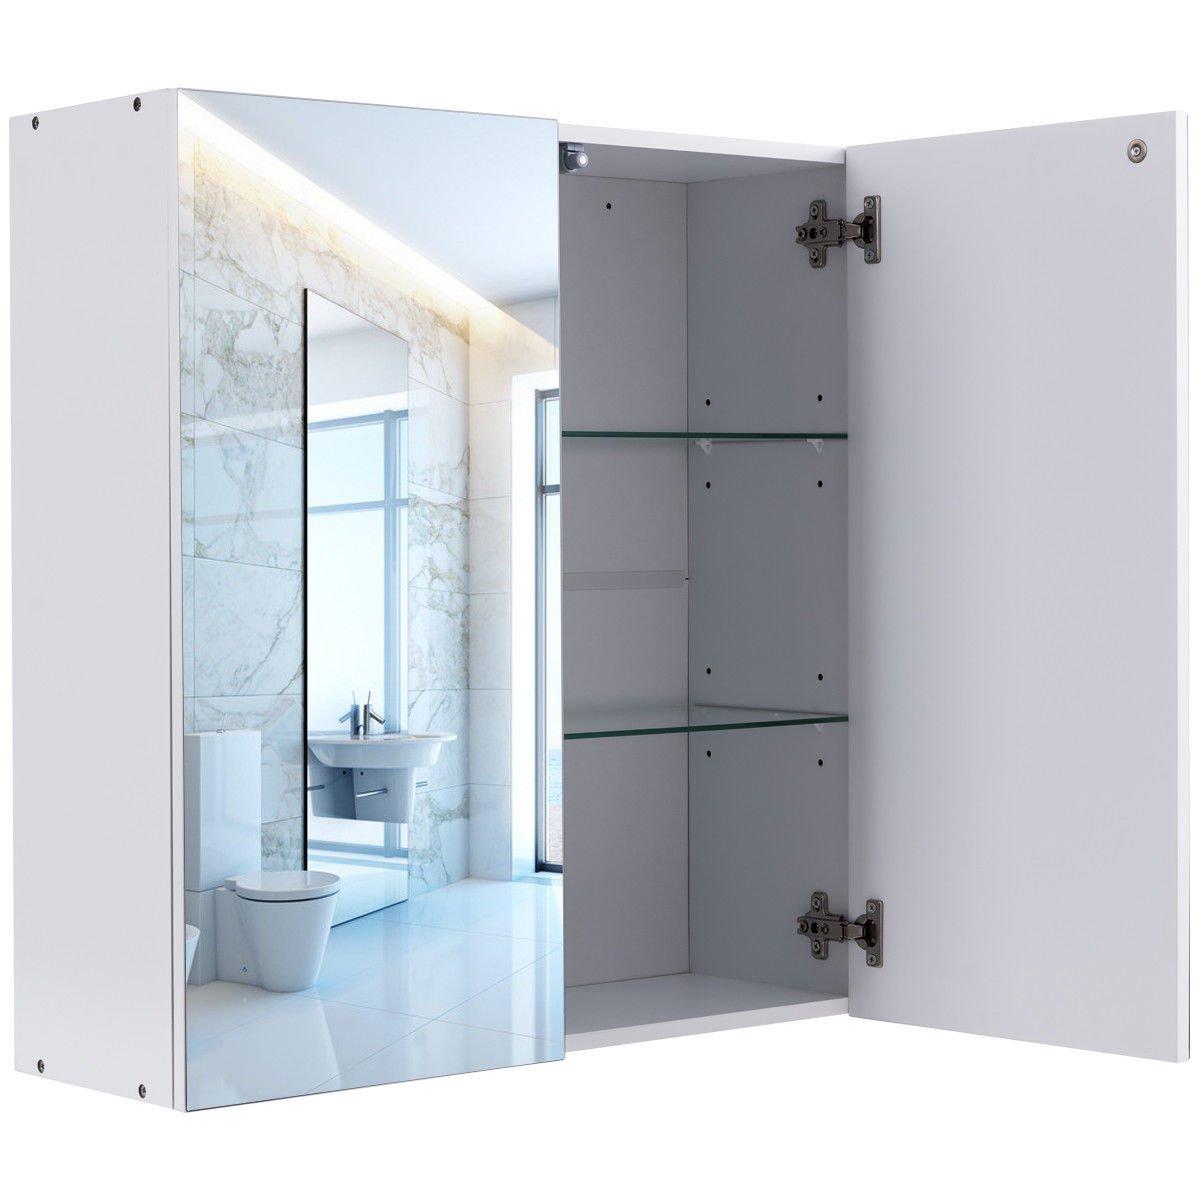 Bonebit 24'' Wide Wall Mount Mirrored Bathroom Medicine Storage Cabinet 2 Mirror Door New